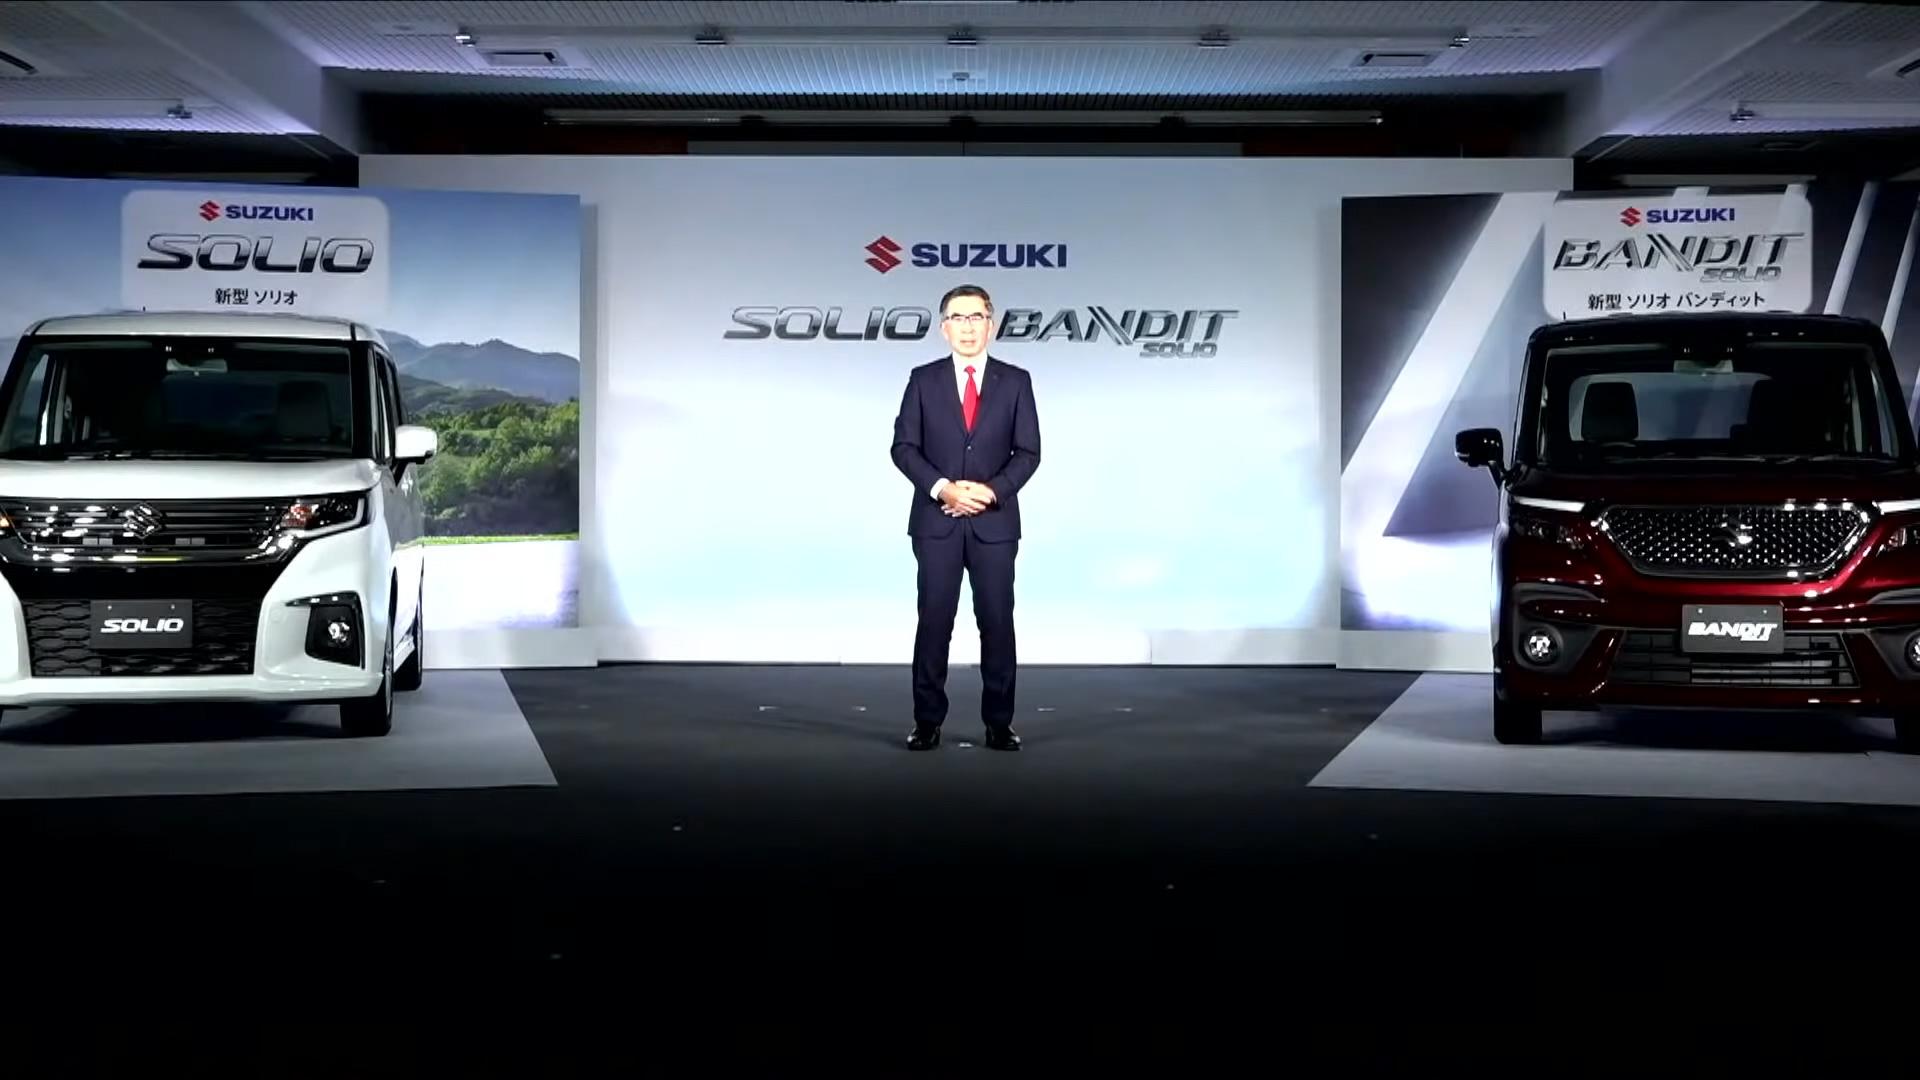 ソリオ suzuki